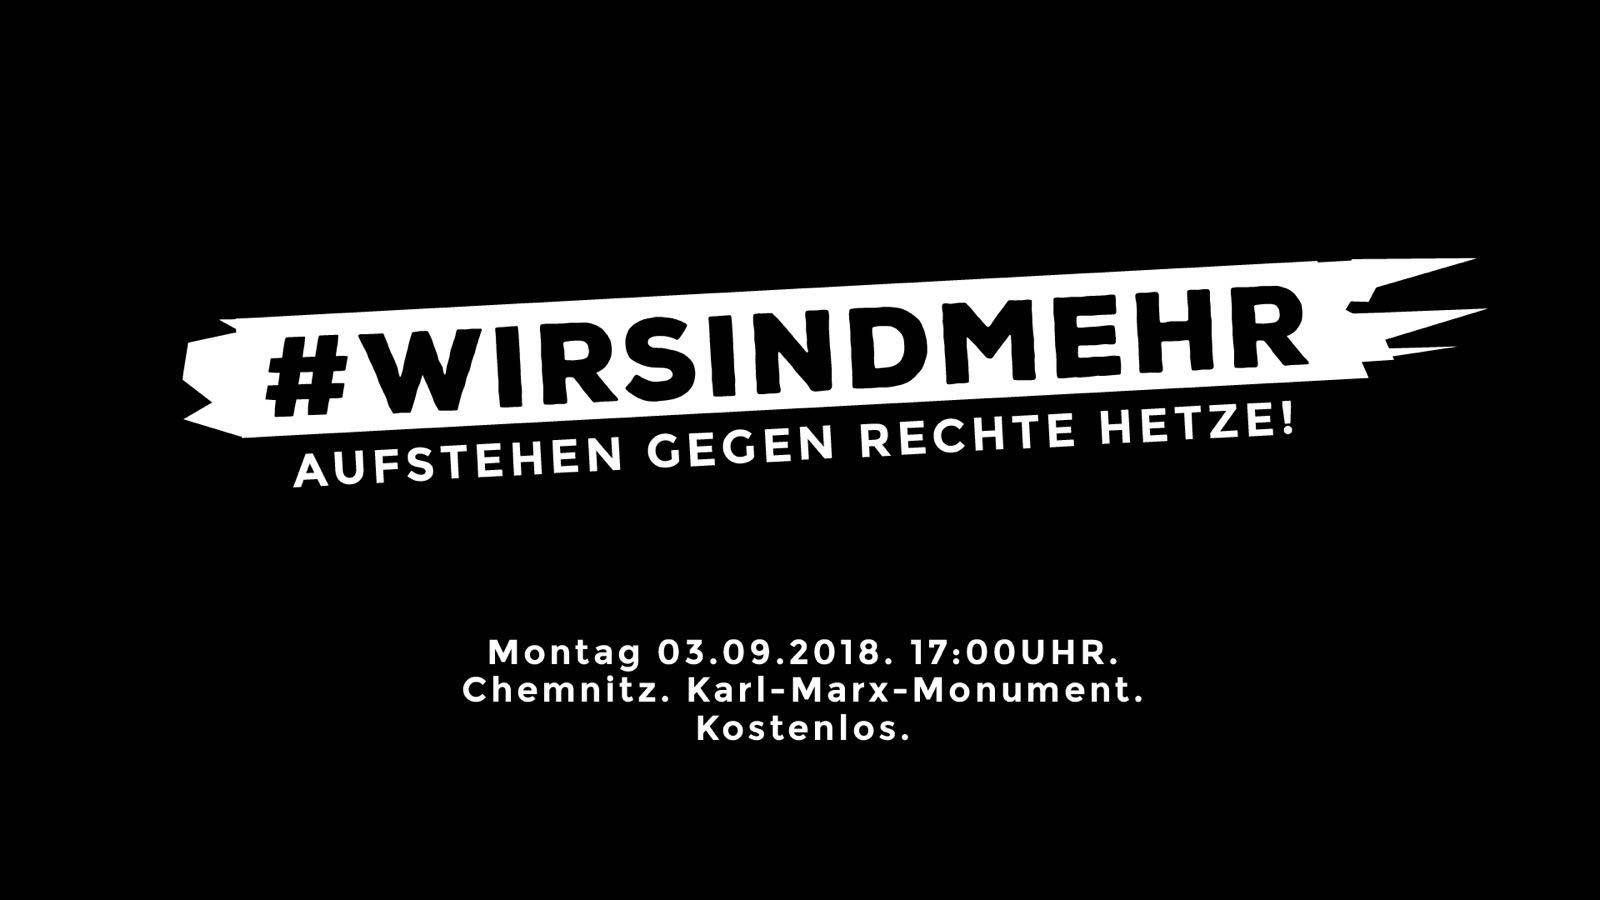 #wirsindmehr - Marteria, CASPER und TRETTMANN treten gegen rechte Hetze in Chemnitz auf!